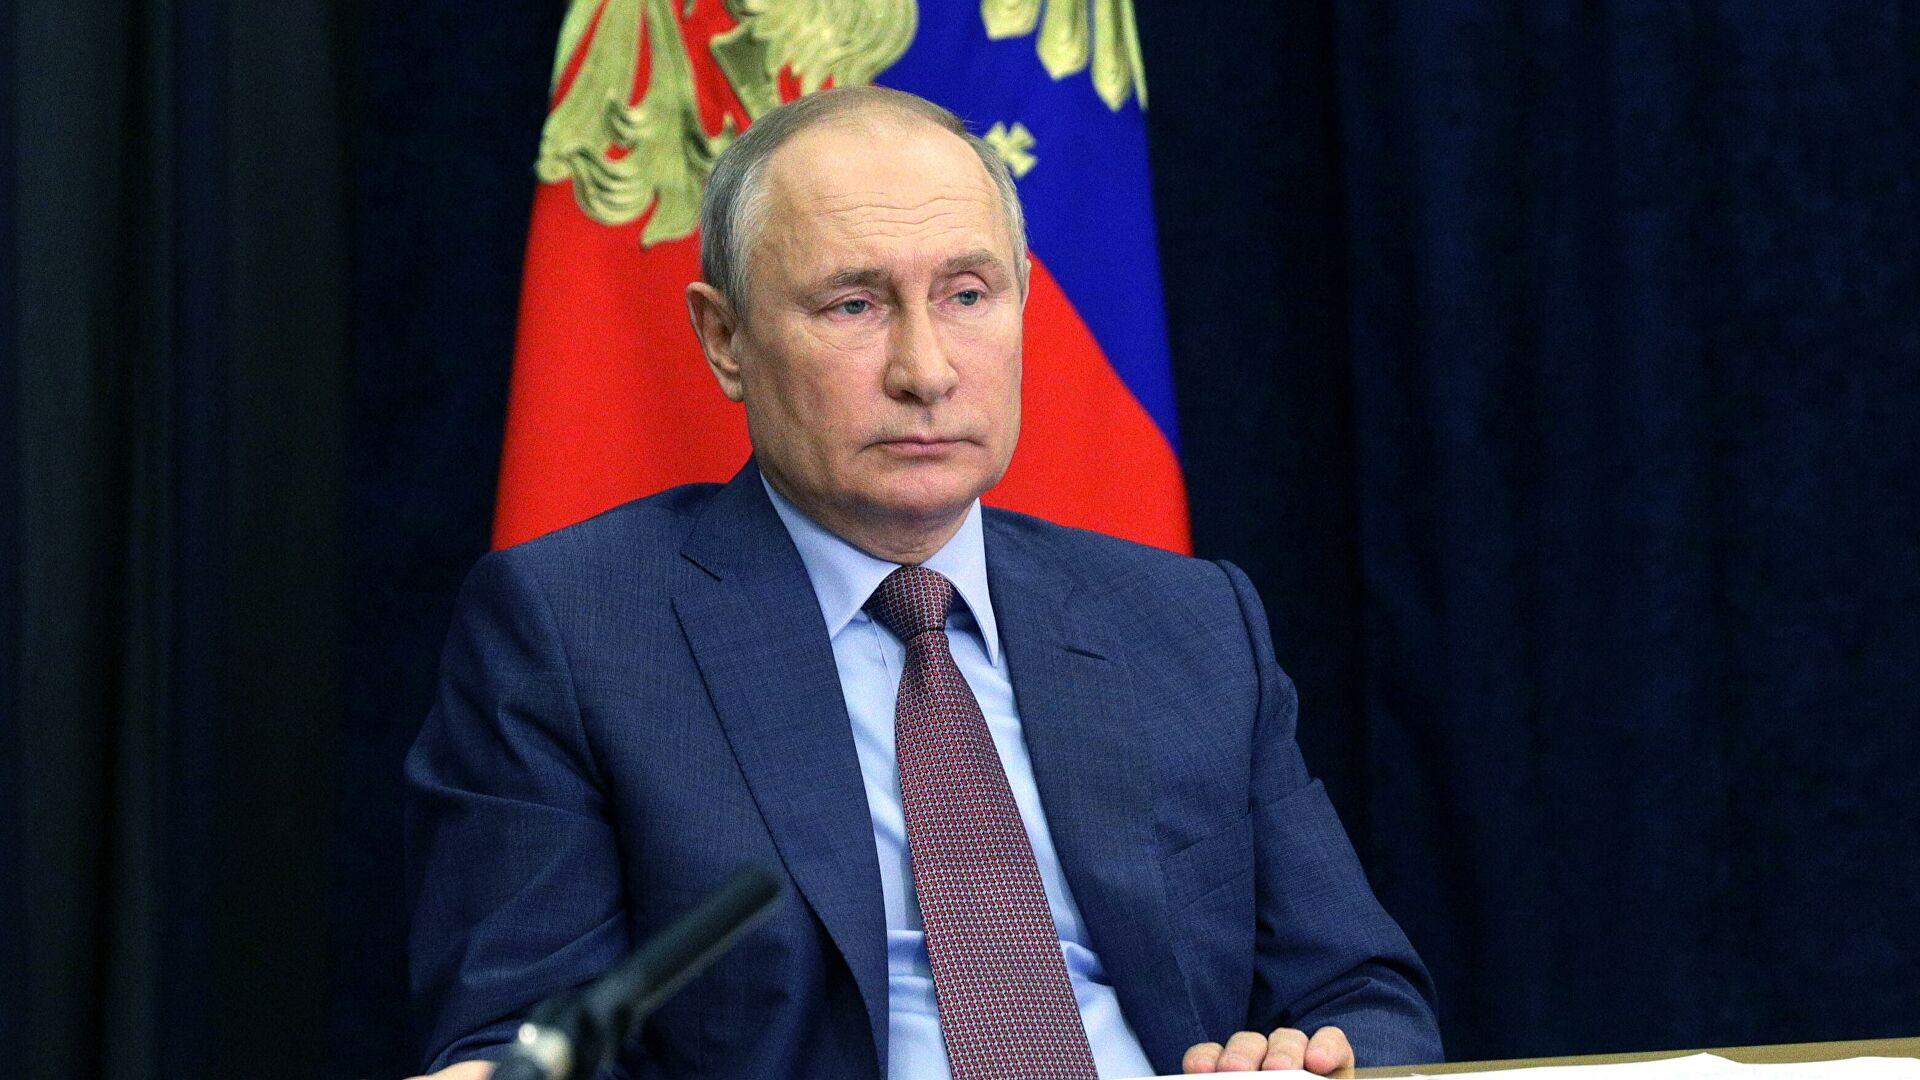 Путин: Обим и глобална природа идентификованих проблема захтевају удруживање напора свих држава